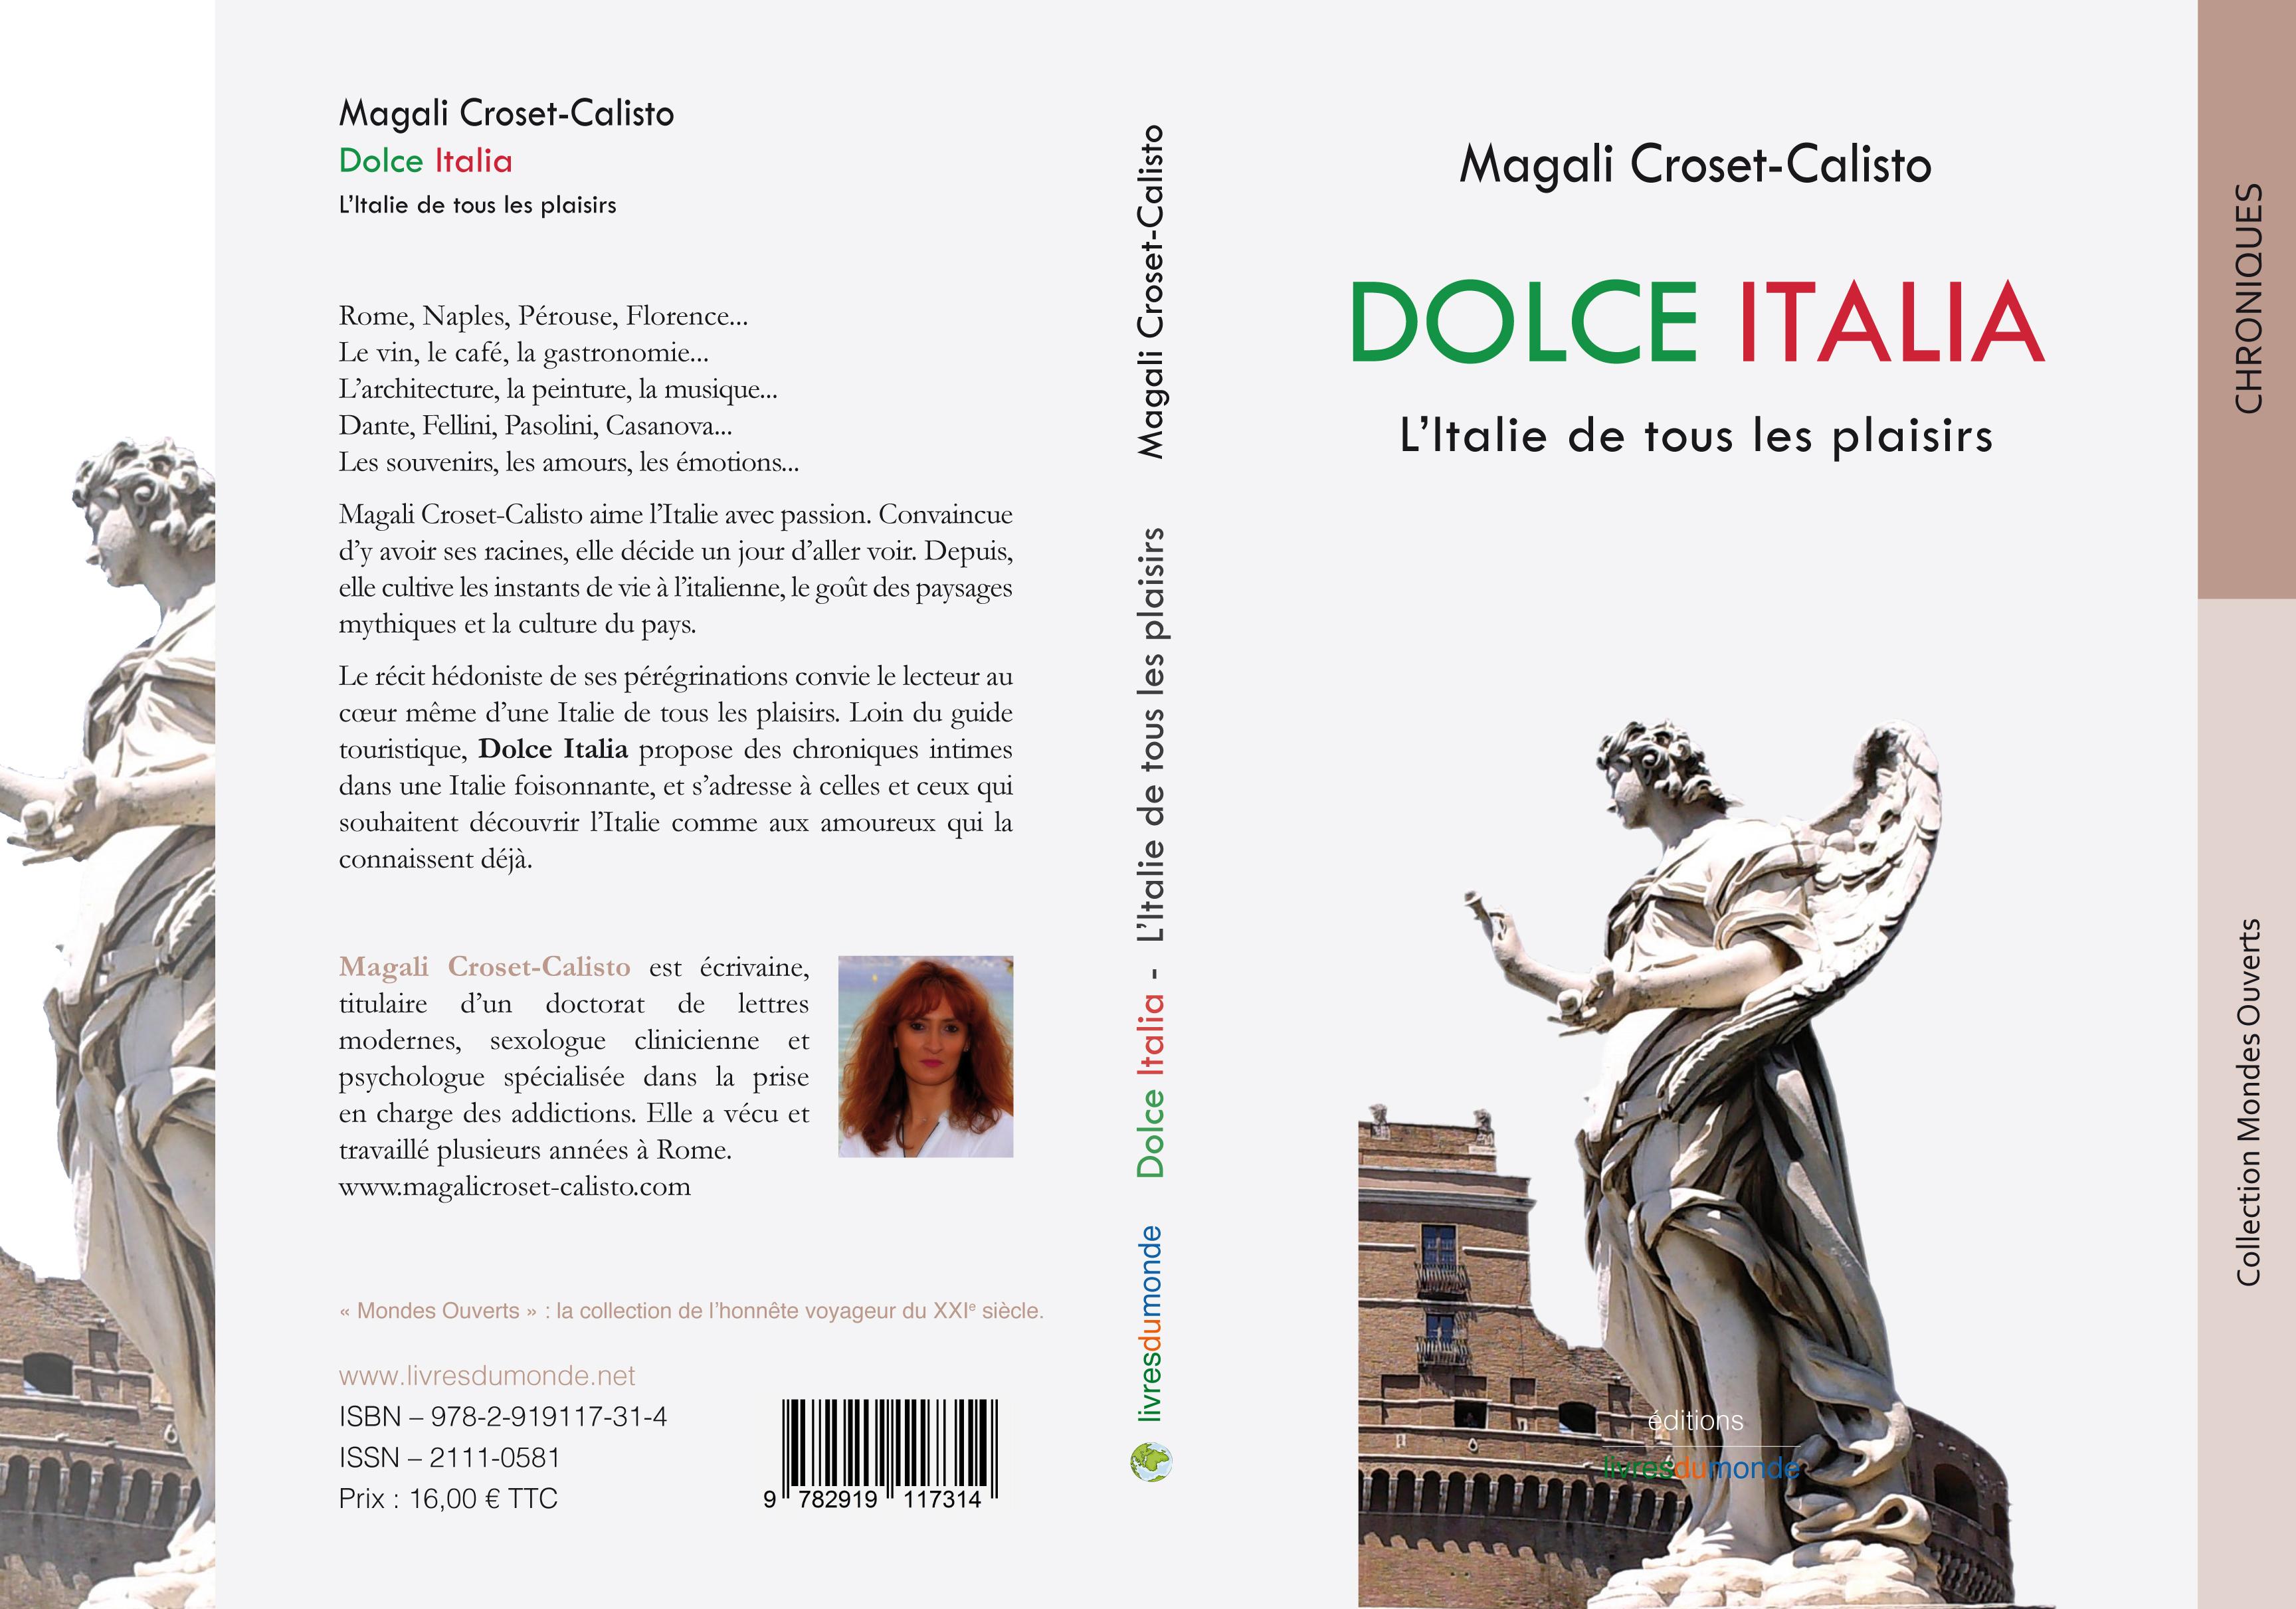 Avec DOLCE ITALIA, Magali Croset-Calisto met en scène et en cène tous les plaisirs de l'Italie